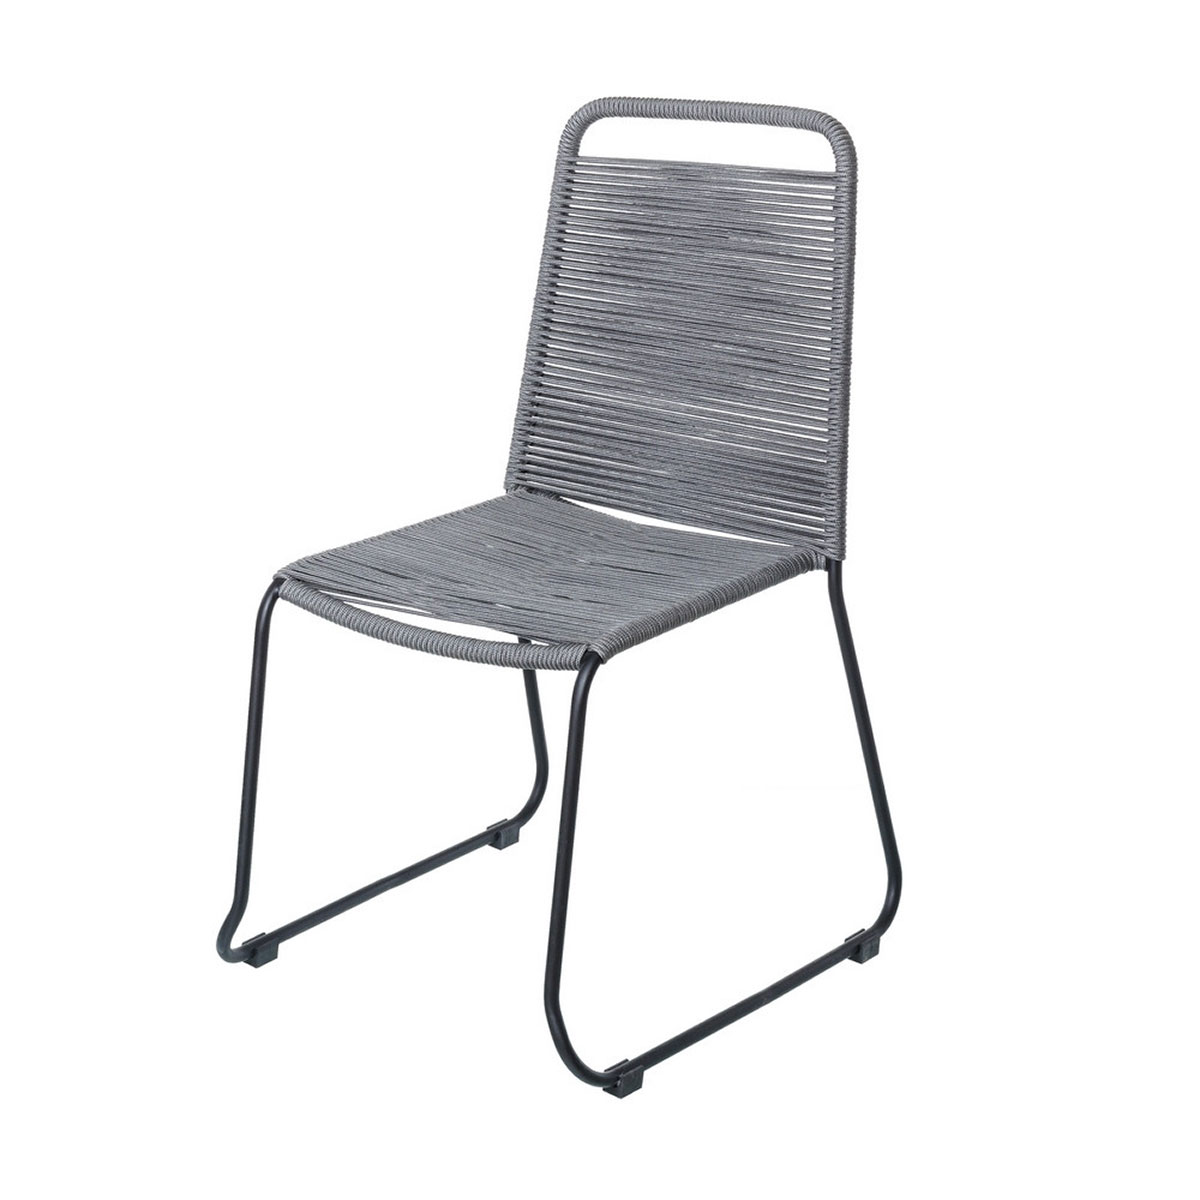 Chaise empilable en corde et acier - Gris - 53.00 cm x 53.00 cm x 88.00